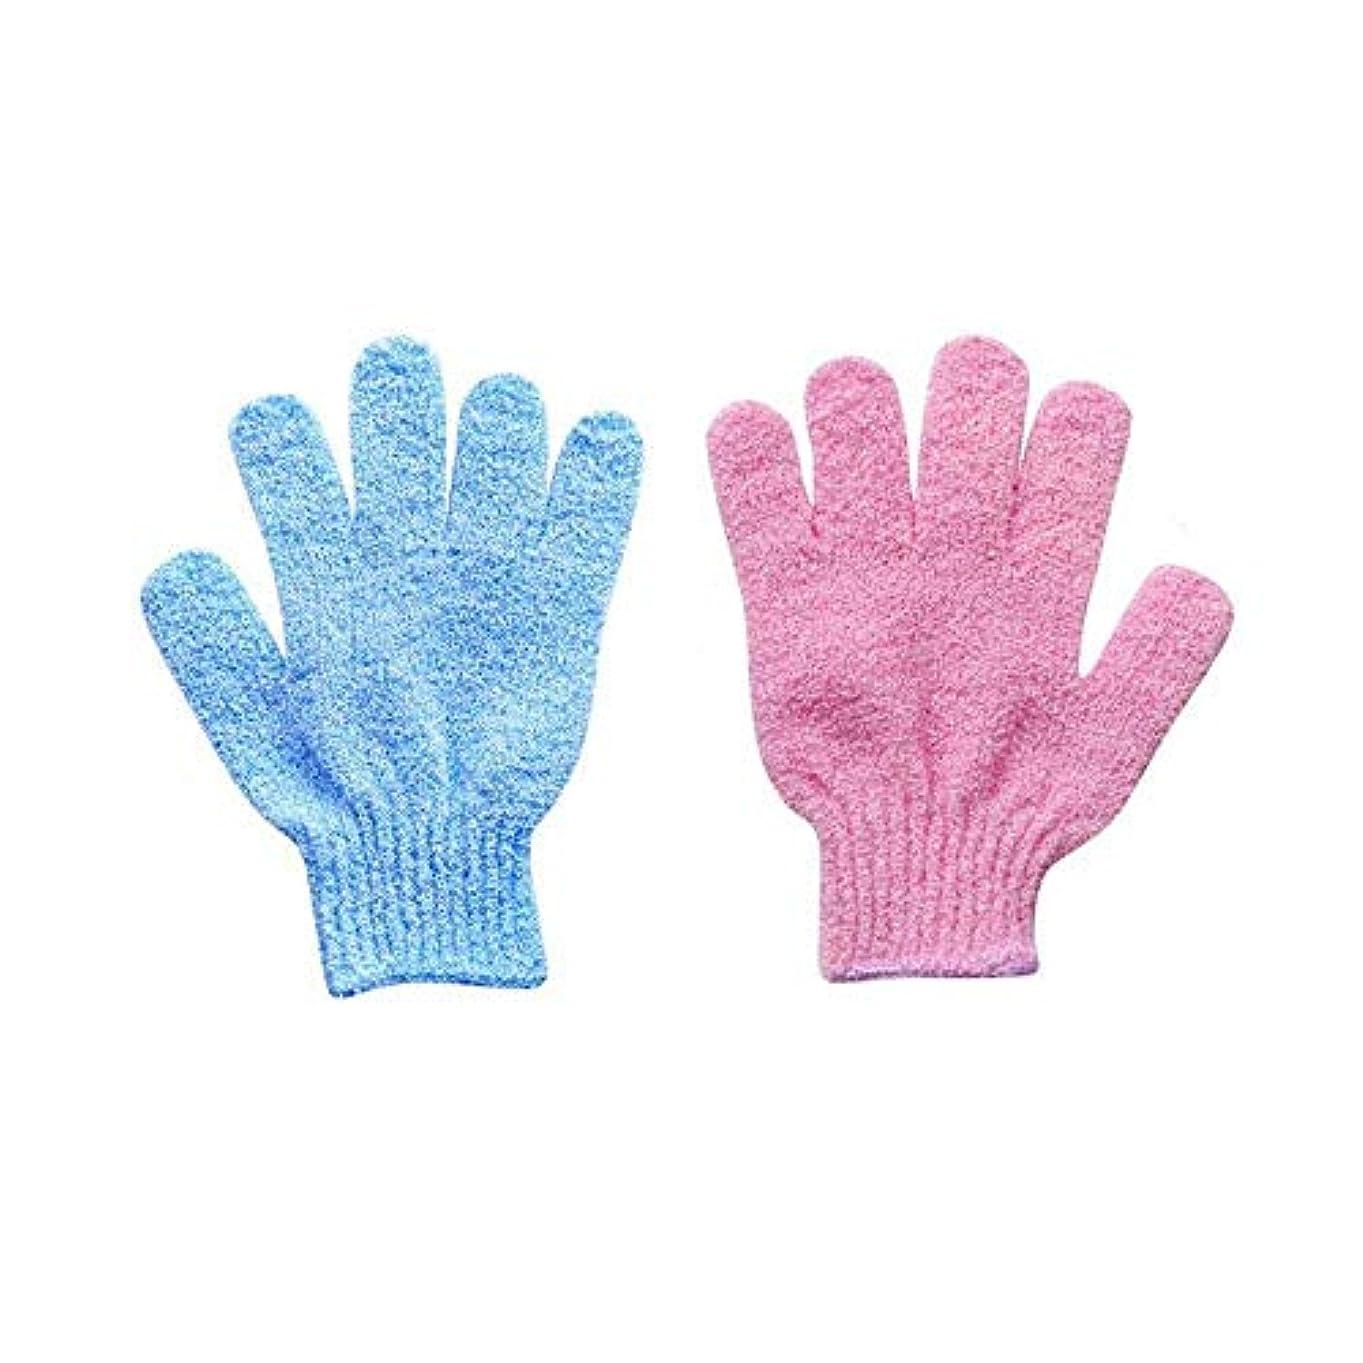 時系列会話万歳お風呂手袋 五本指 シャワーグローブ 泡立ち 柔らかい 入浴用品 角質除去 垢すり 2PCS